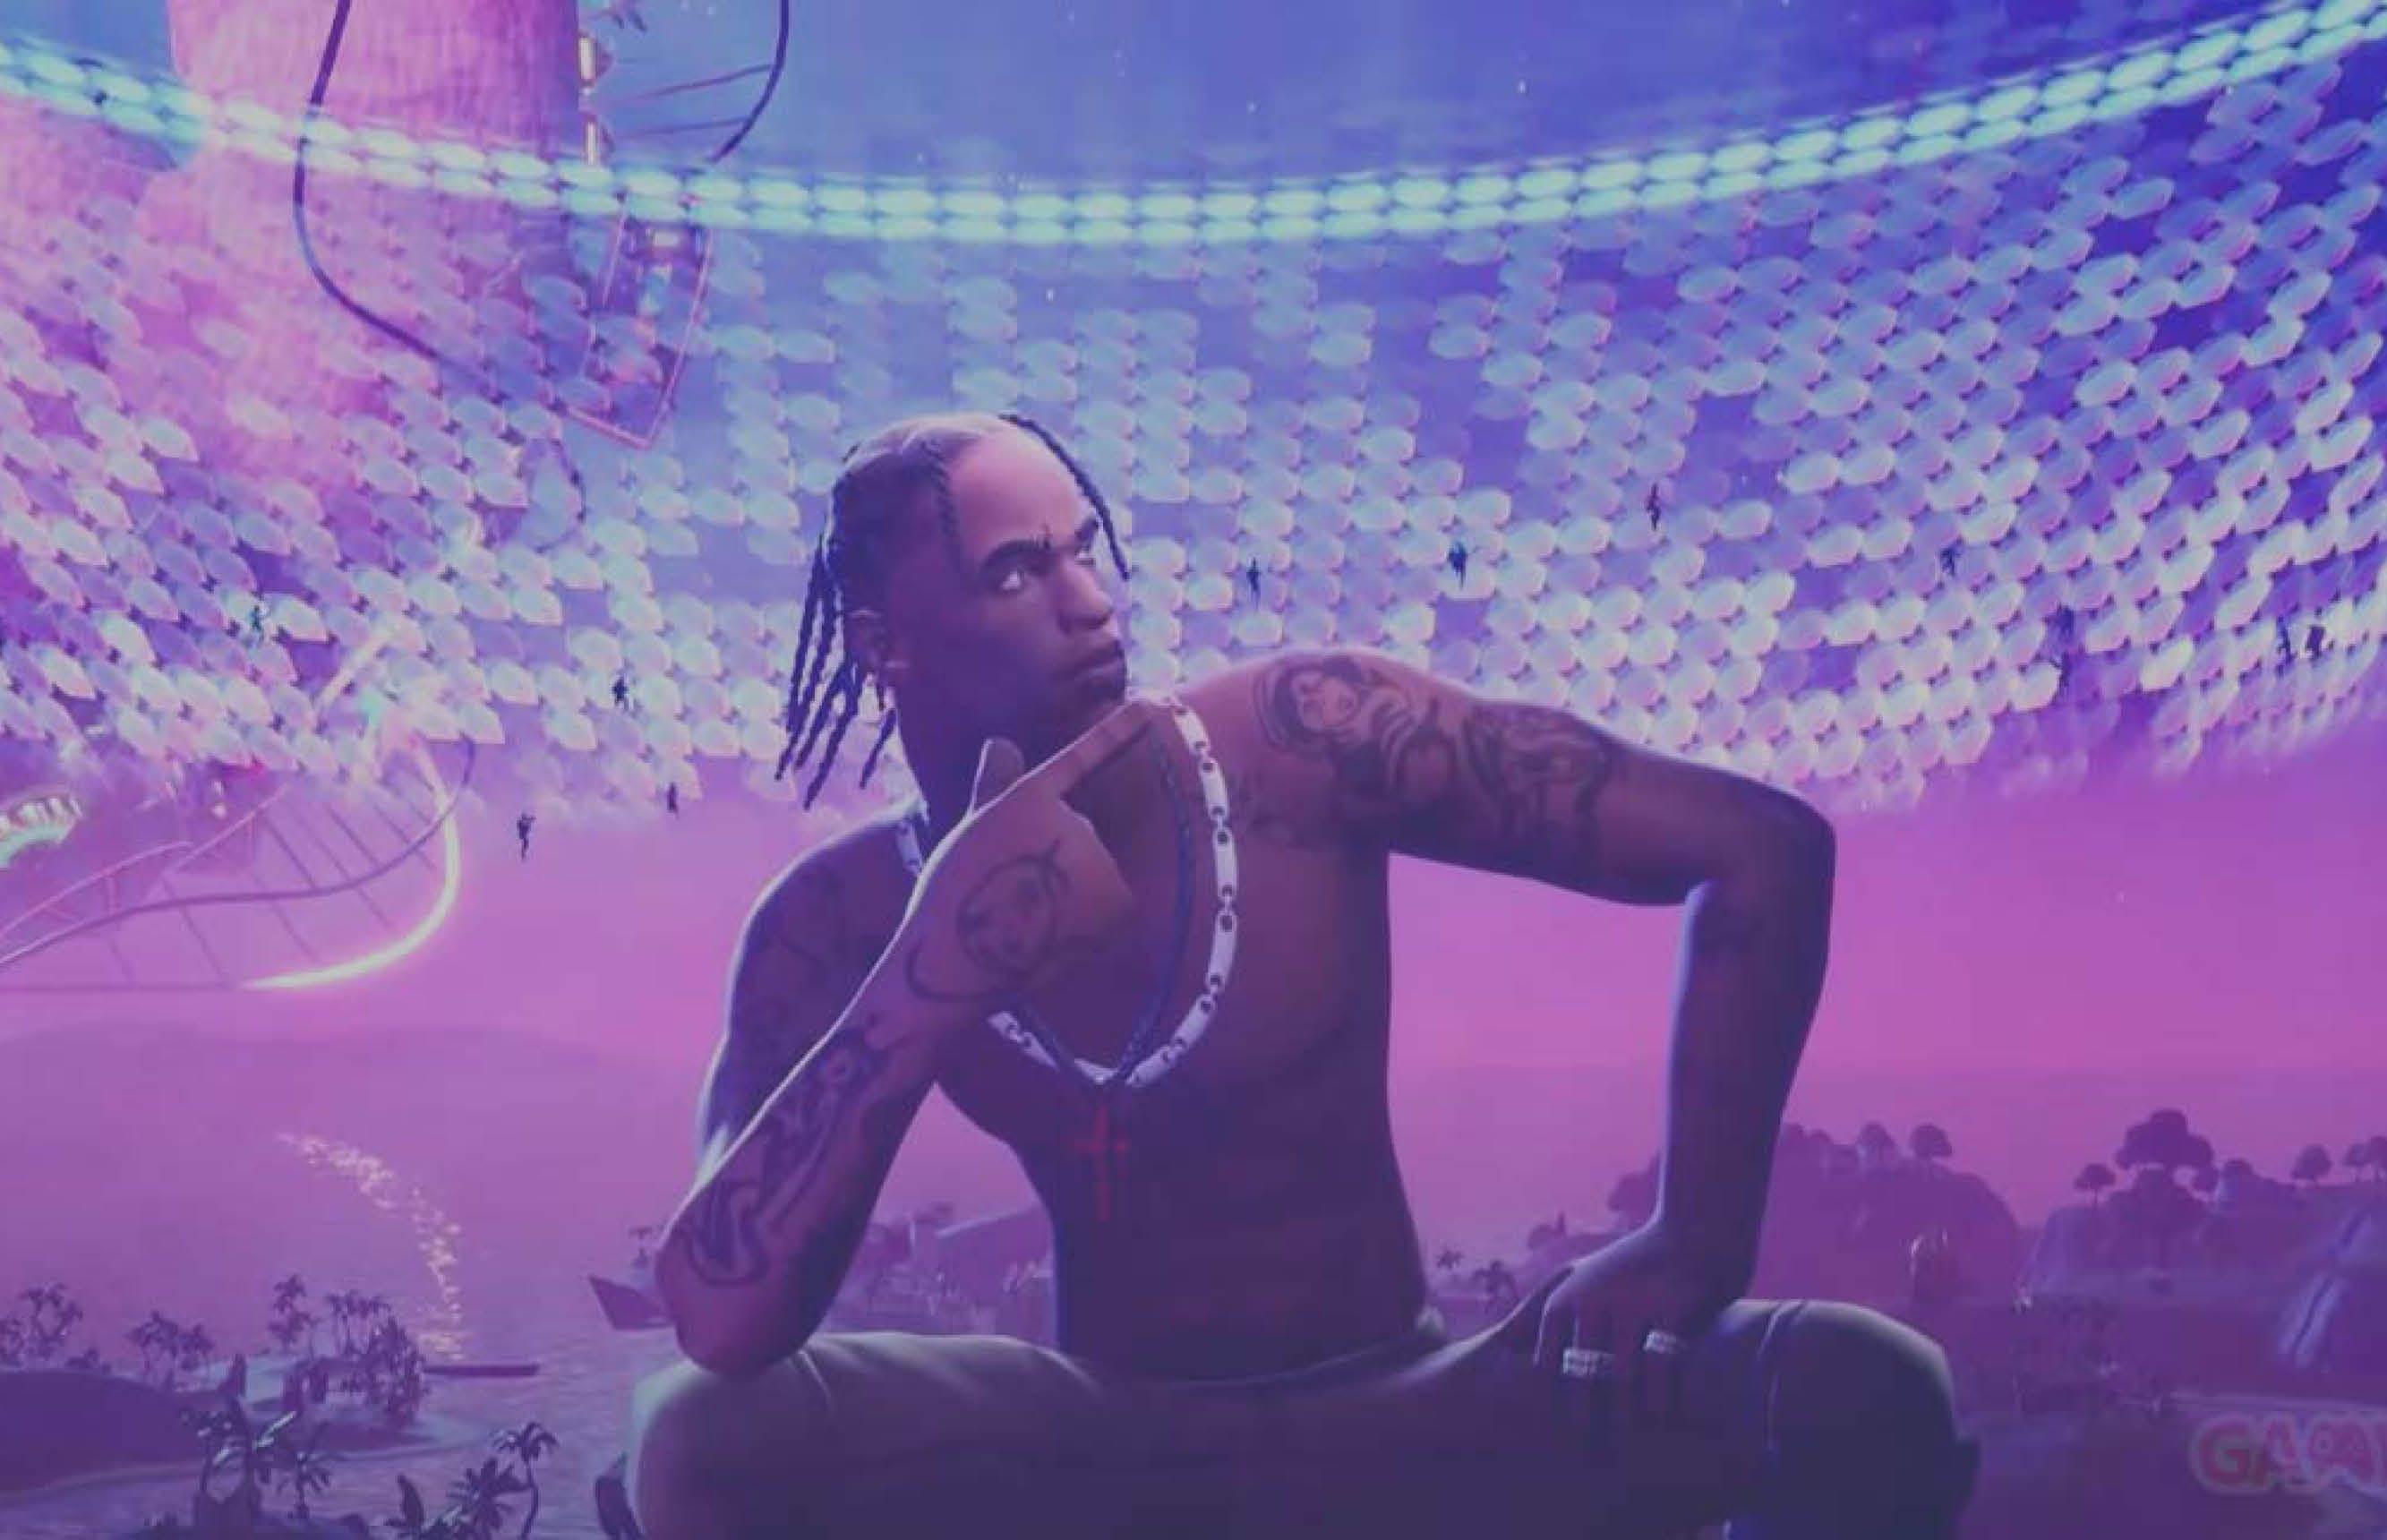 Reminder: Muziek- en gamingindustrie inspireren elkaar tijdens gloednieuw Unwrap-festival